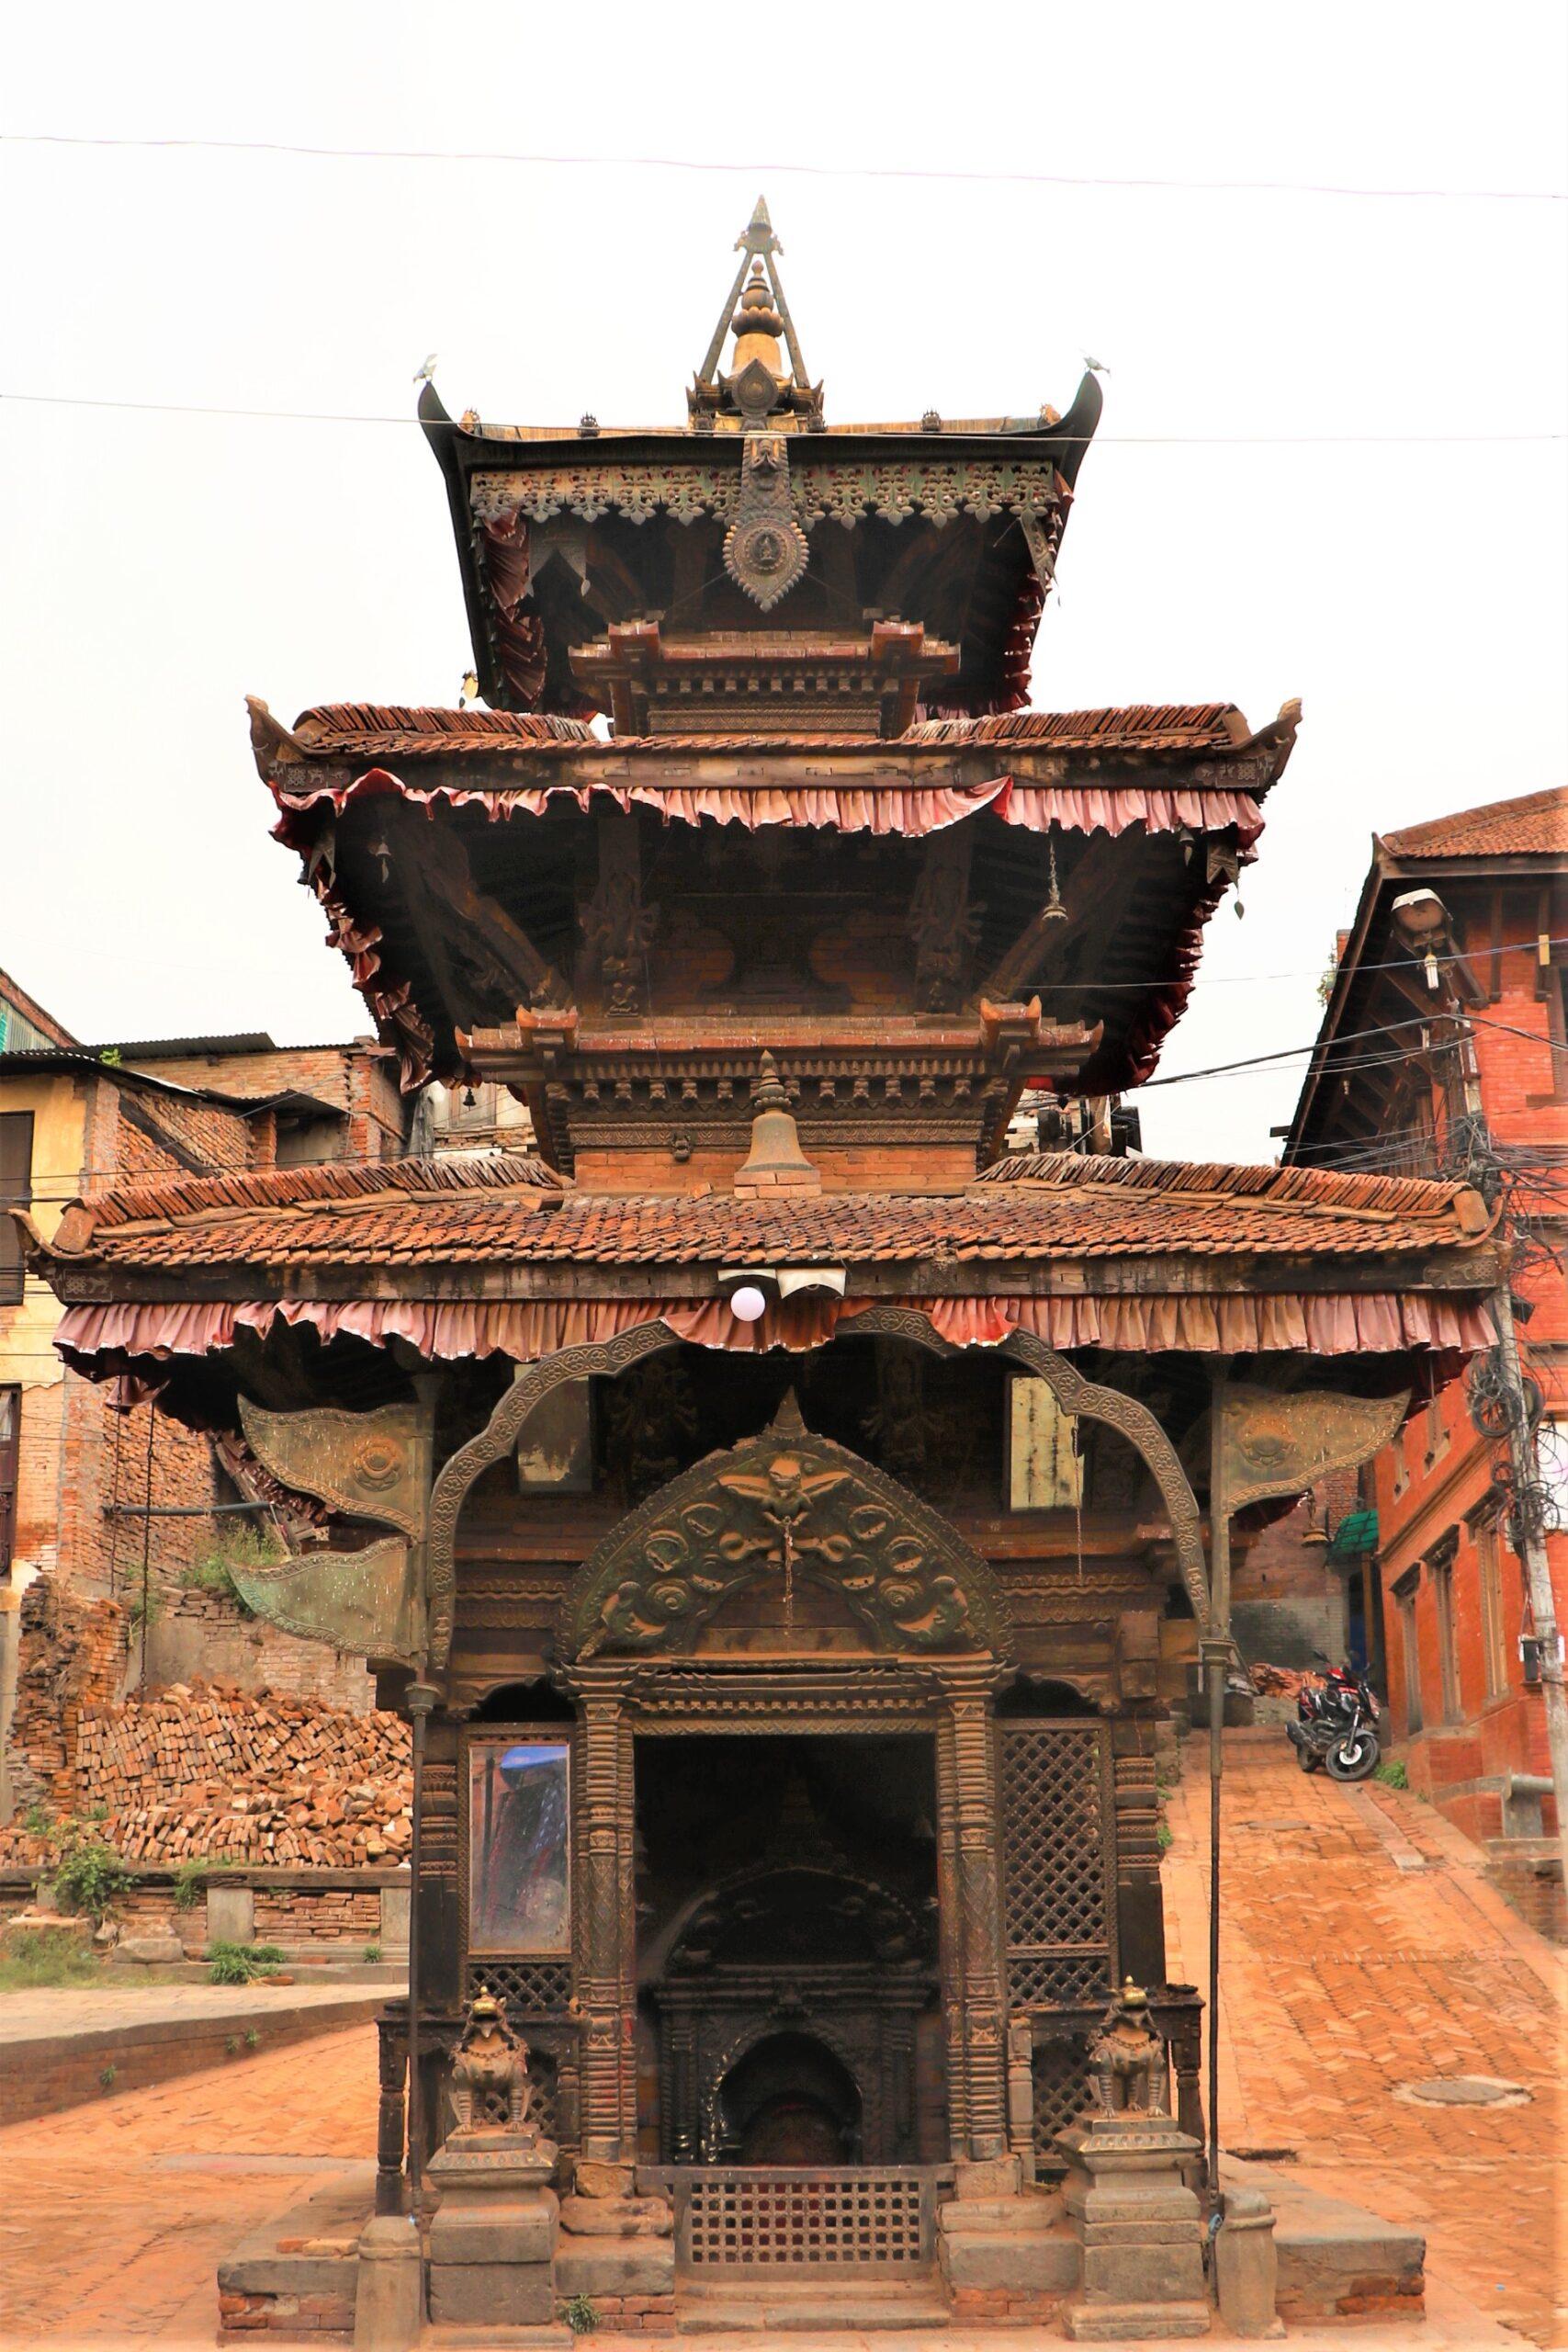 Salan Ganesh Temple and the pond image